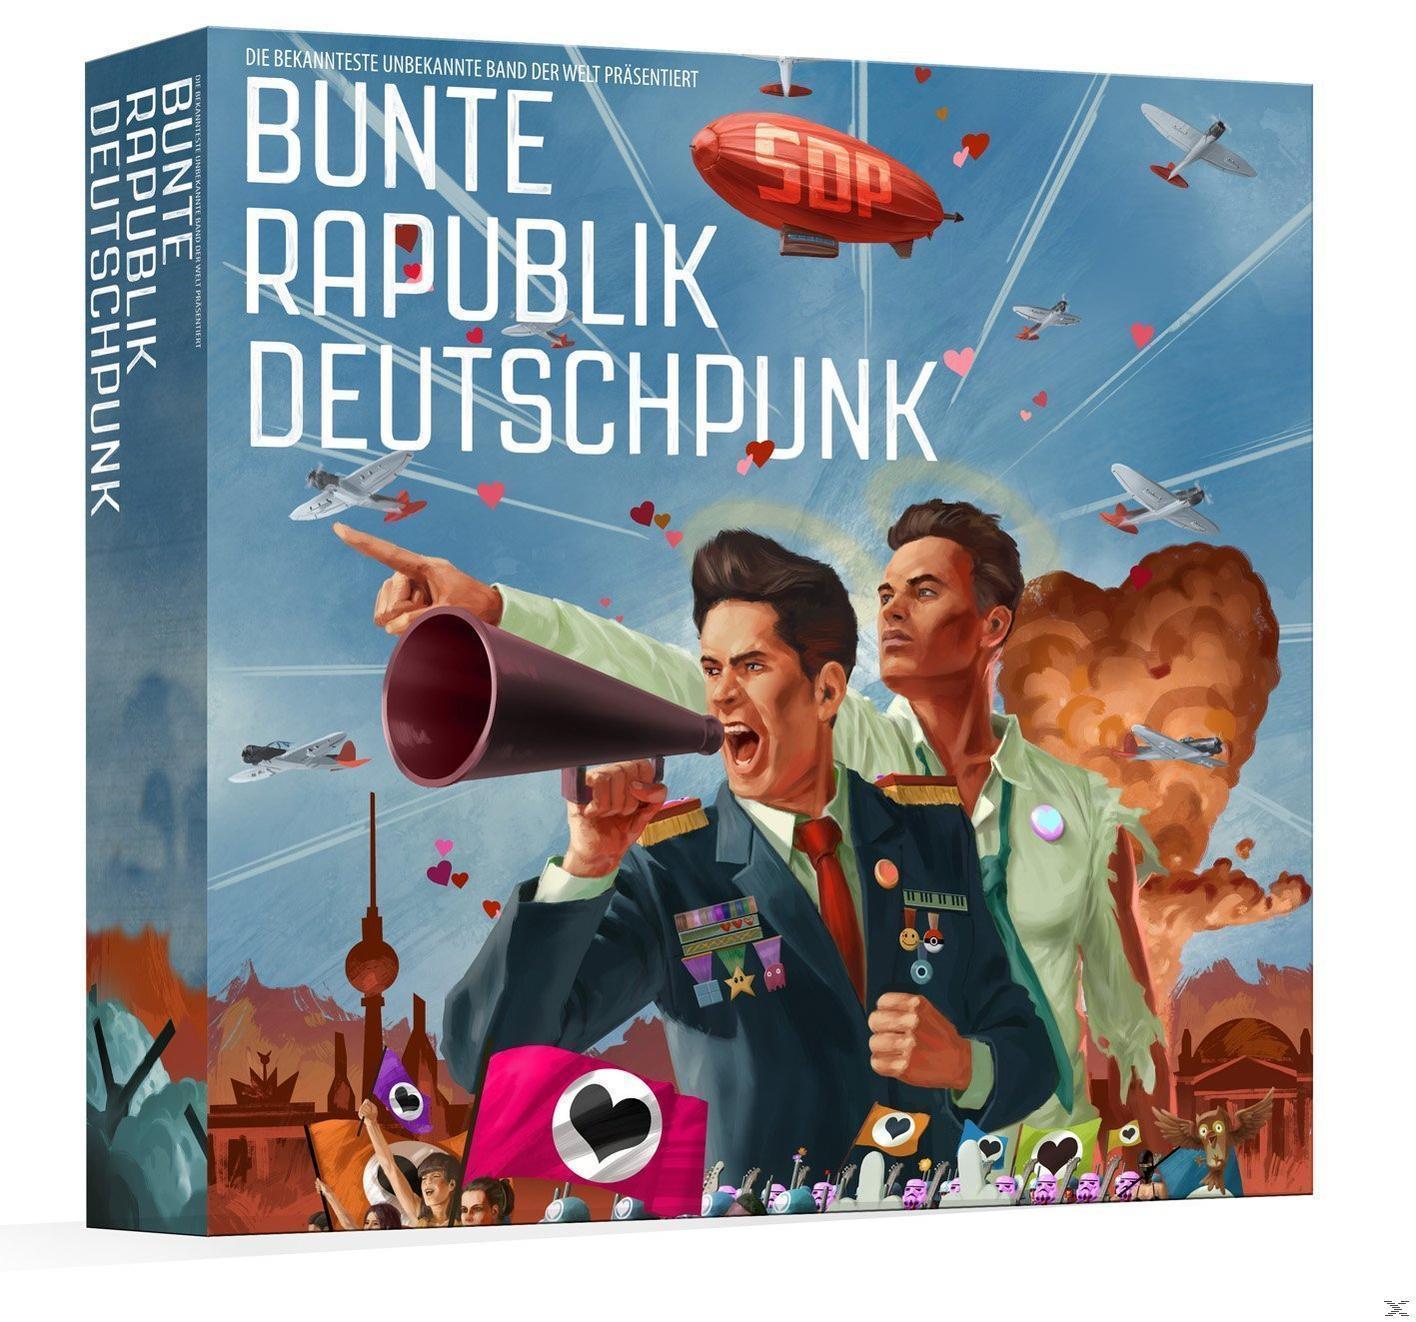 Bunte Rapublik Deutschpunk (SDP) für 14,99 Euro